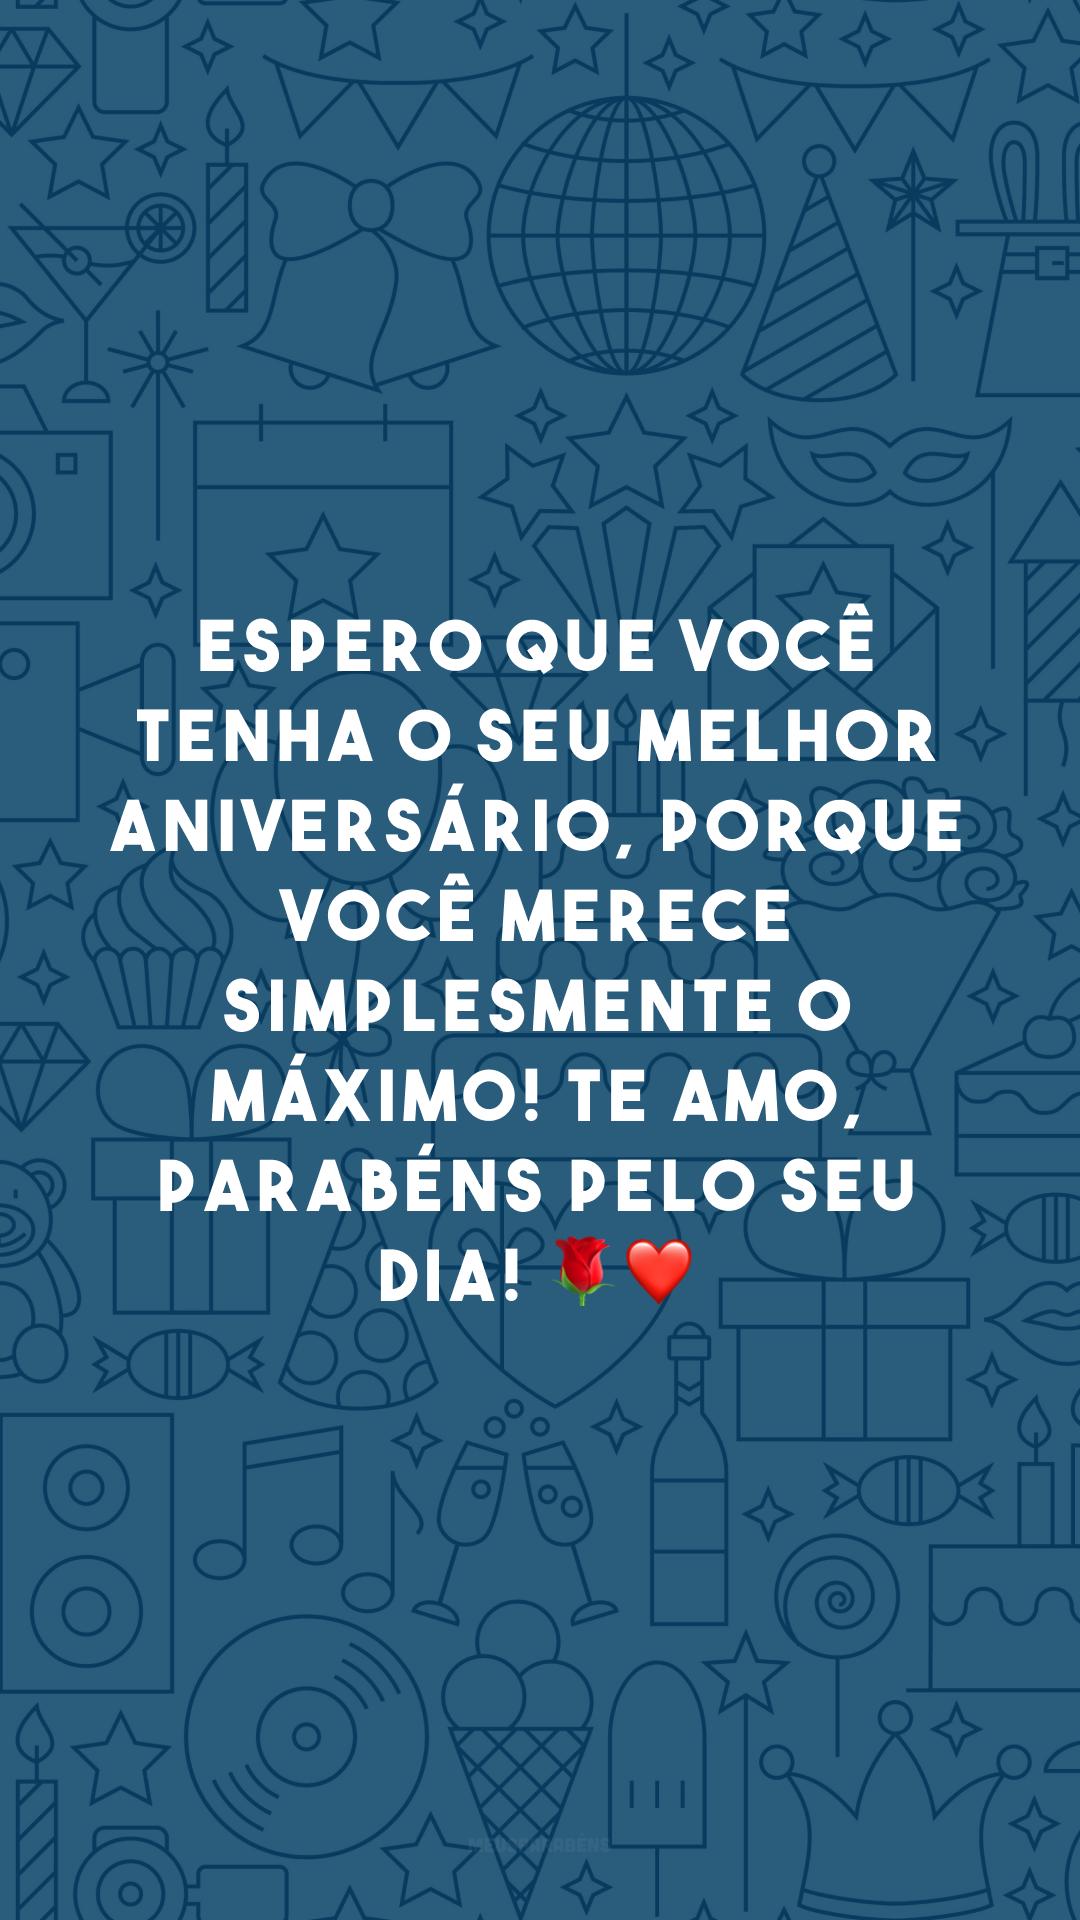 Espero que você tenha o seu melhor aniversário, porque você merece simplesmente o máximo! Te amo, parabéns pelo seu dia! 🌹❤️